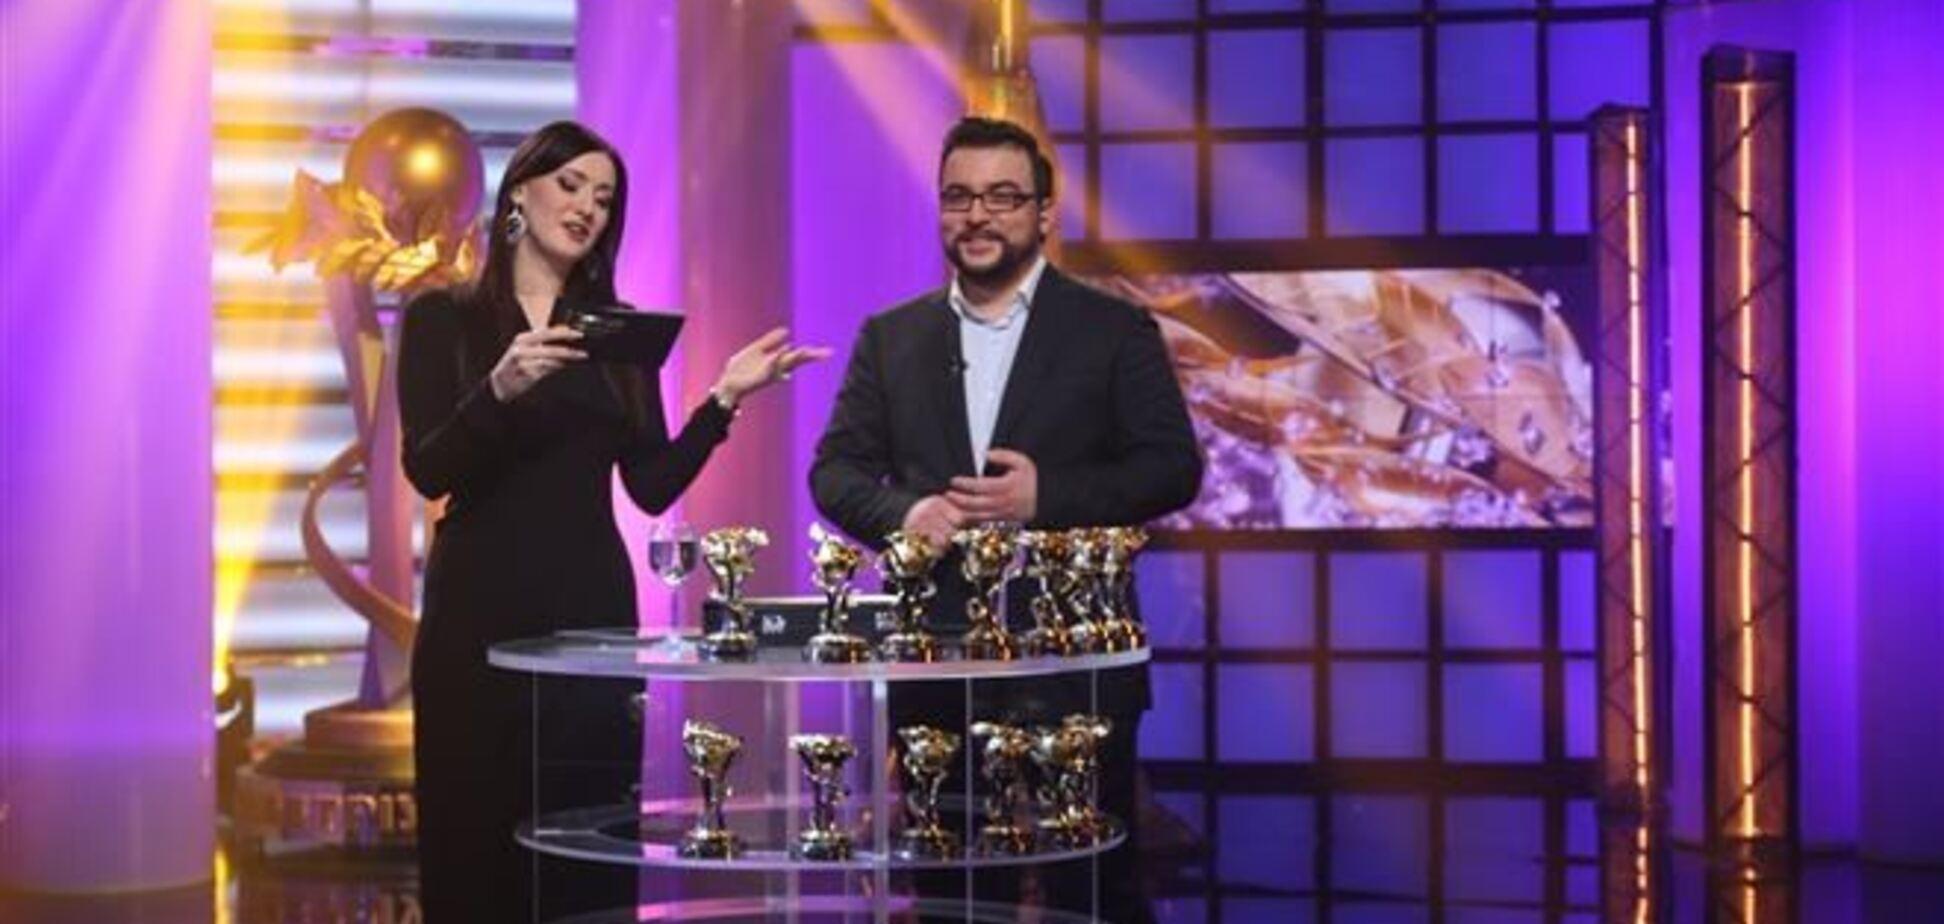 'Телетриумф' раздал свои награды лучшим из лучших